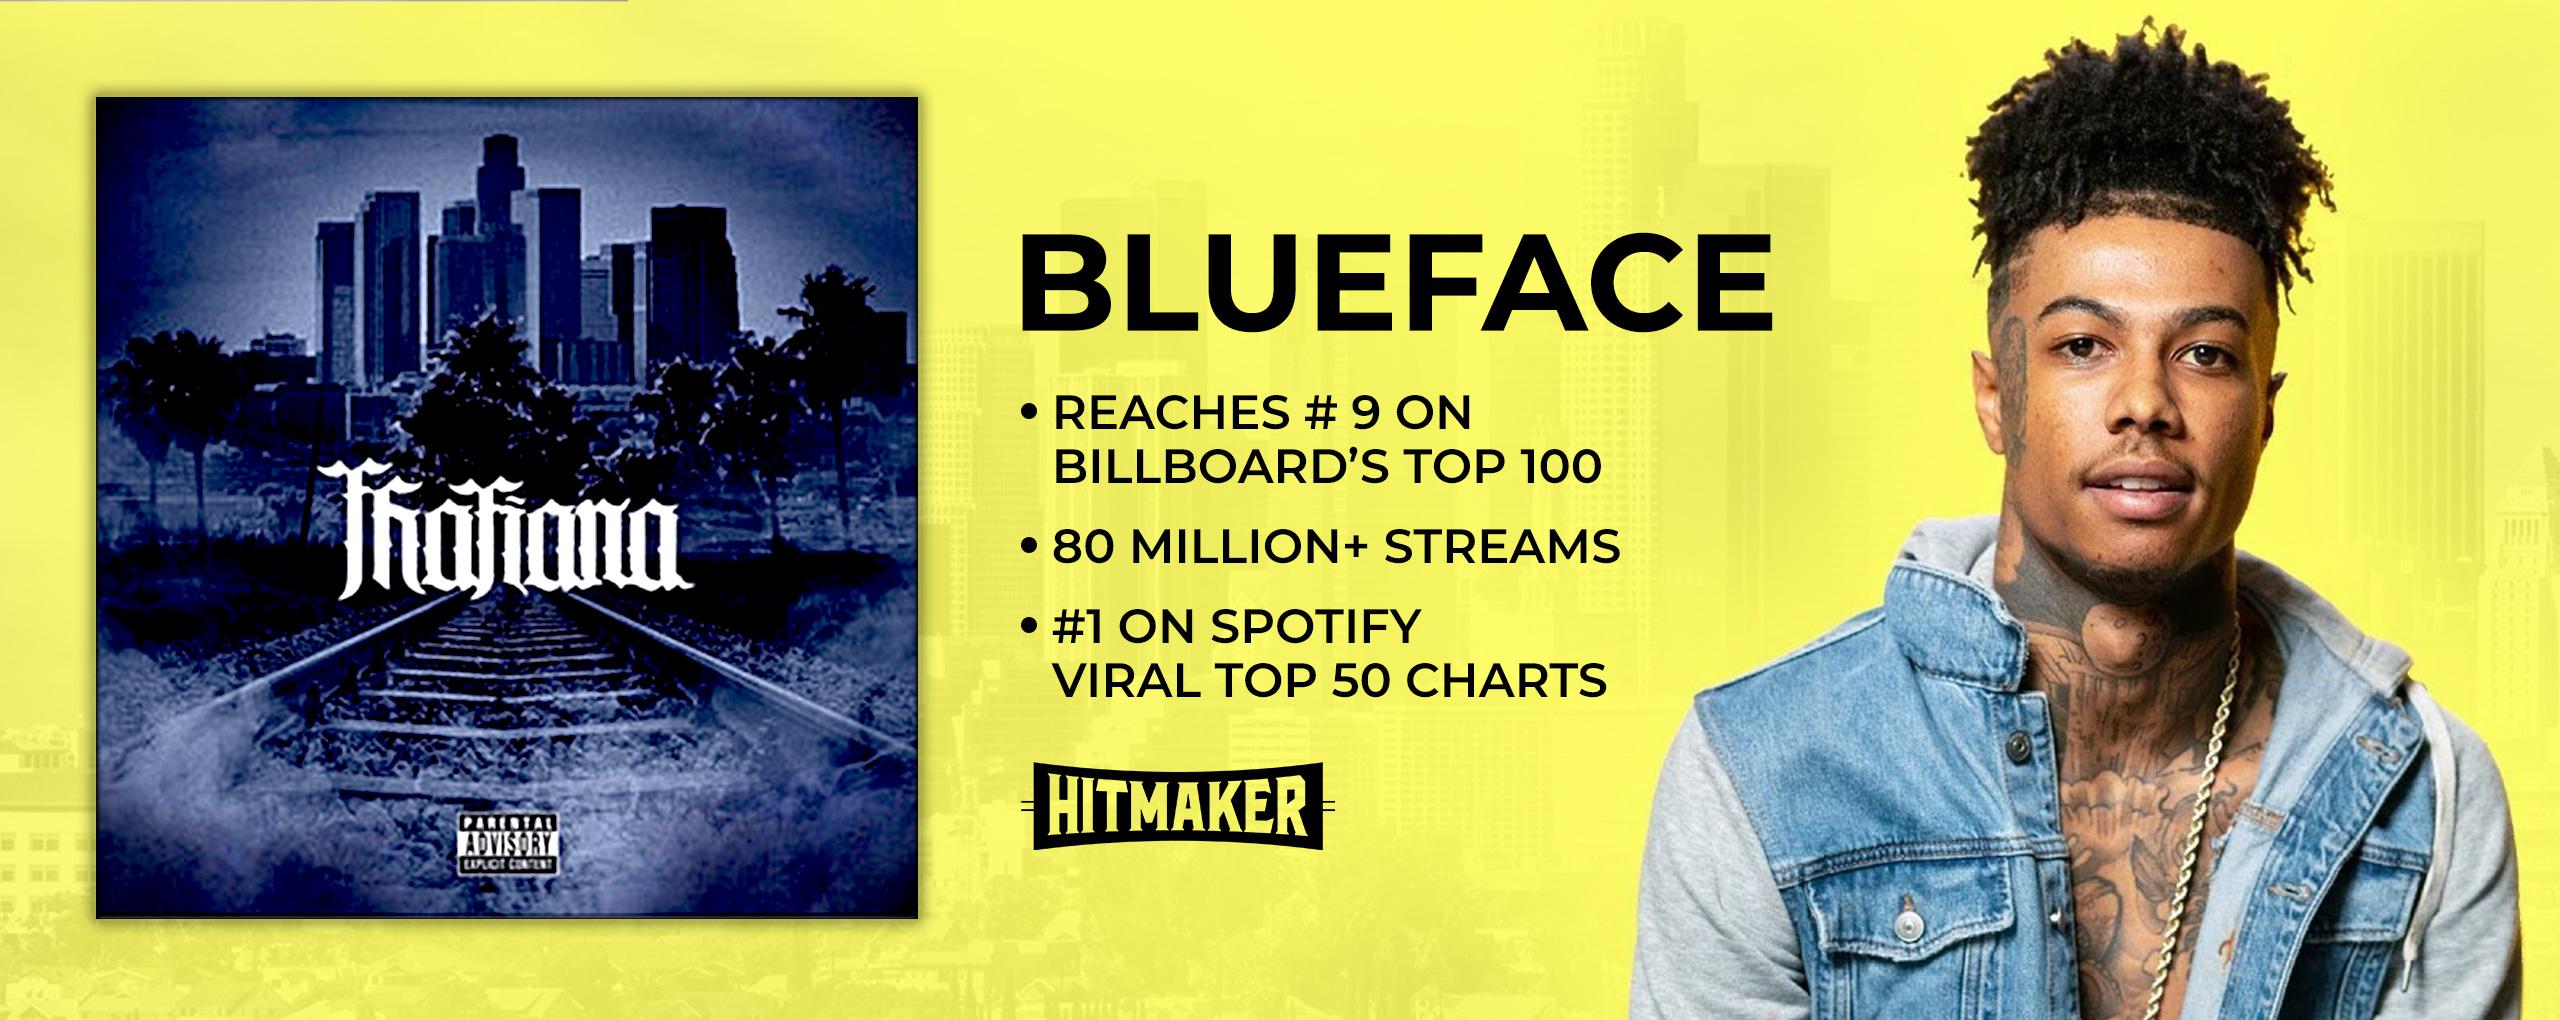 Blueface Success